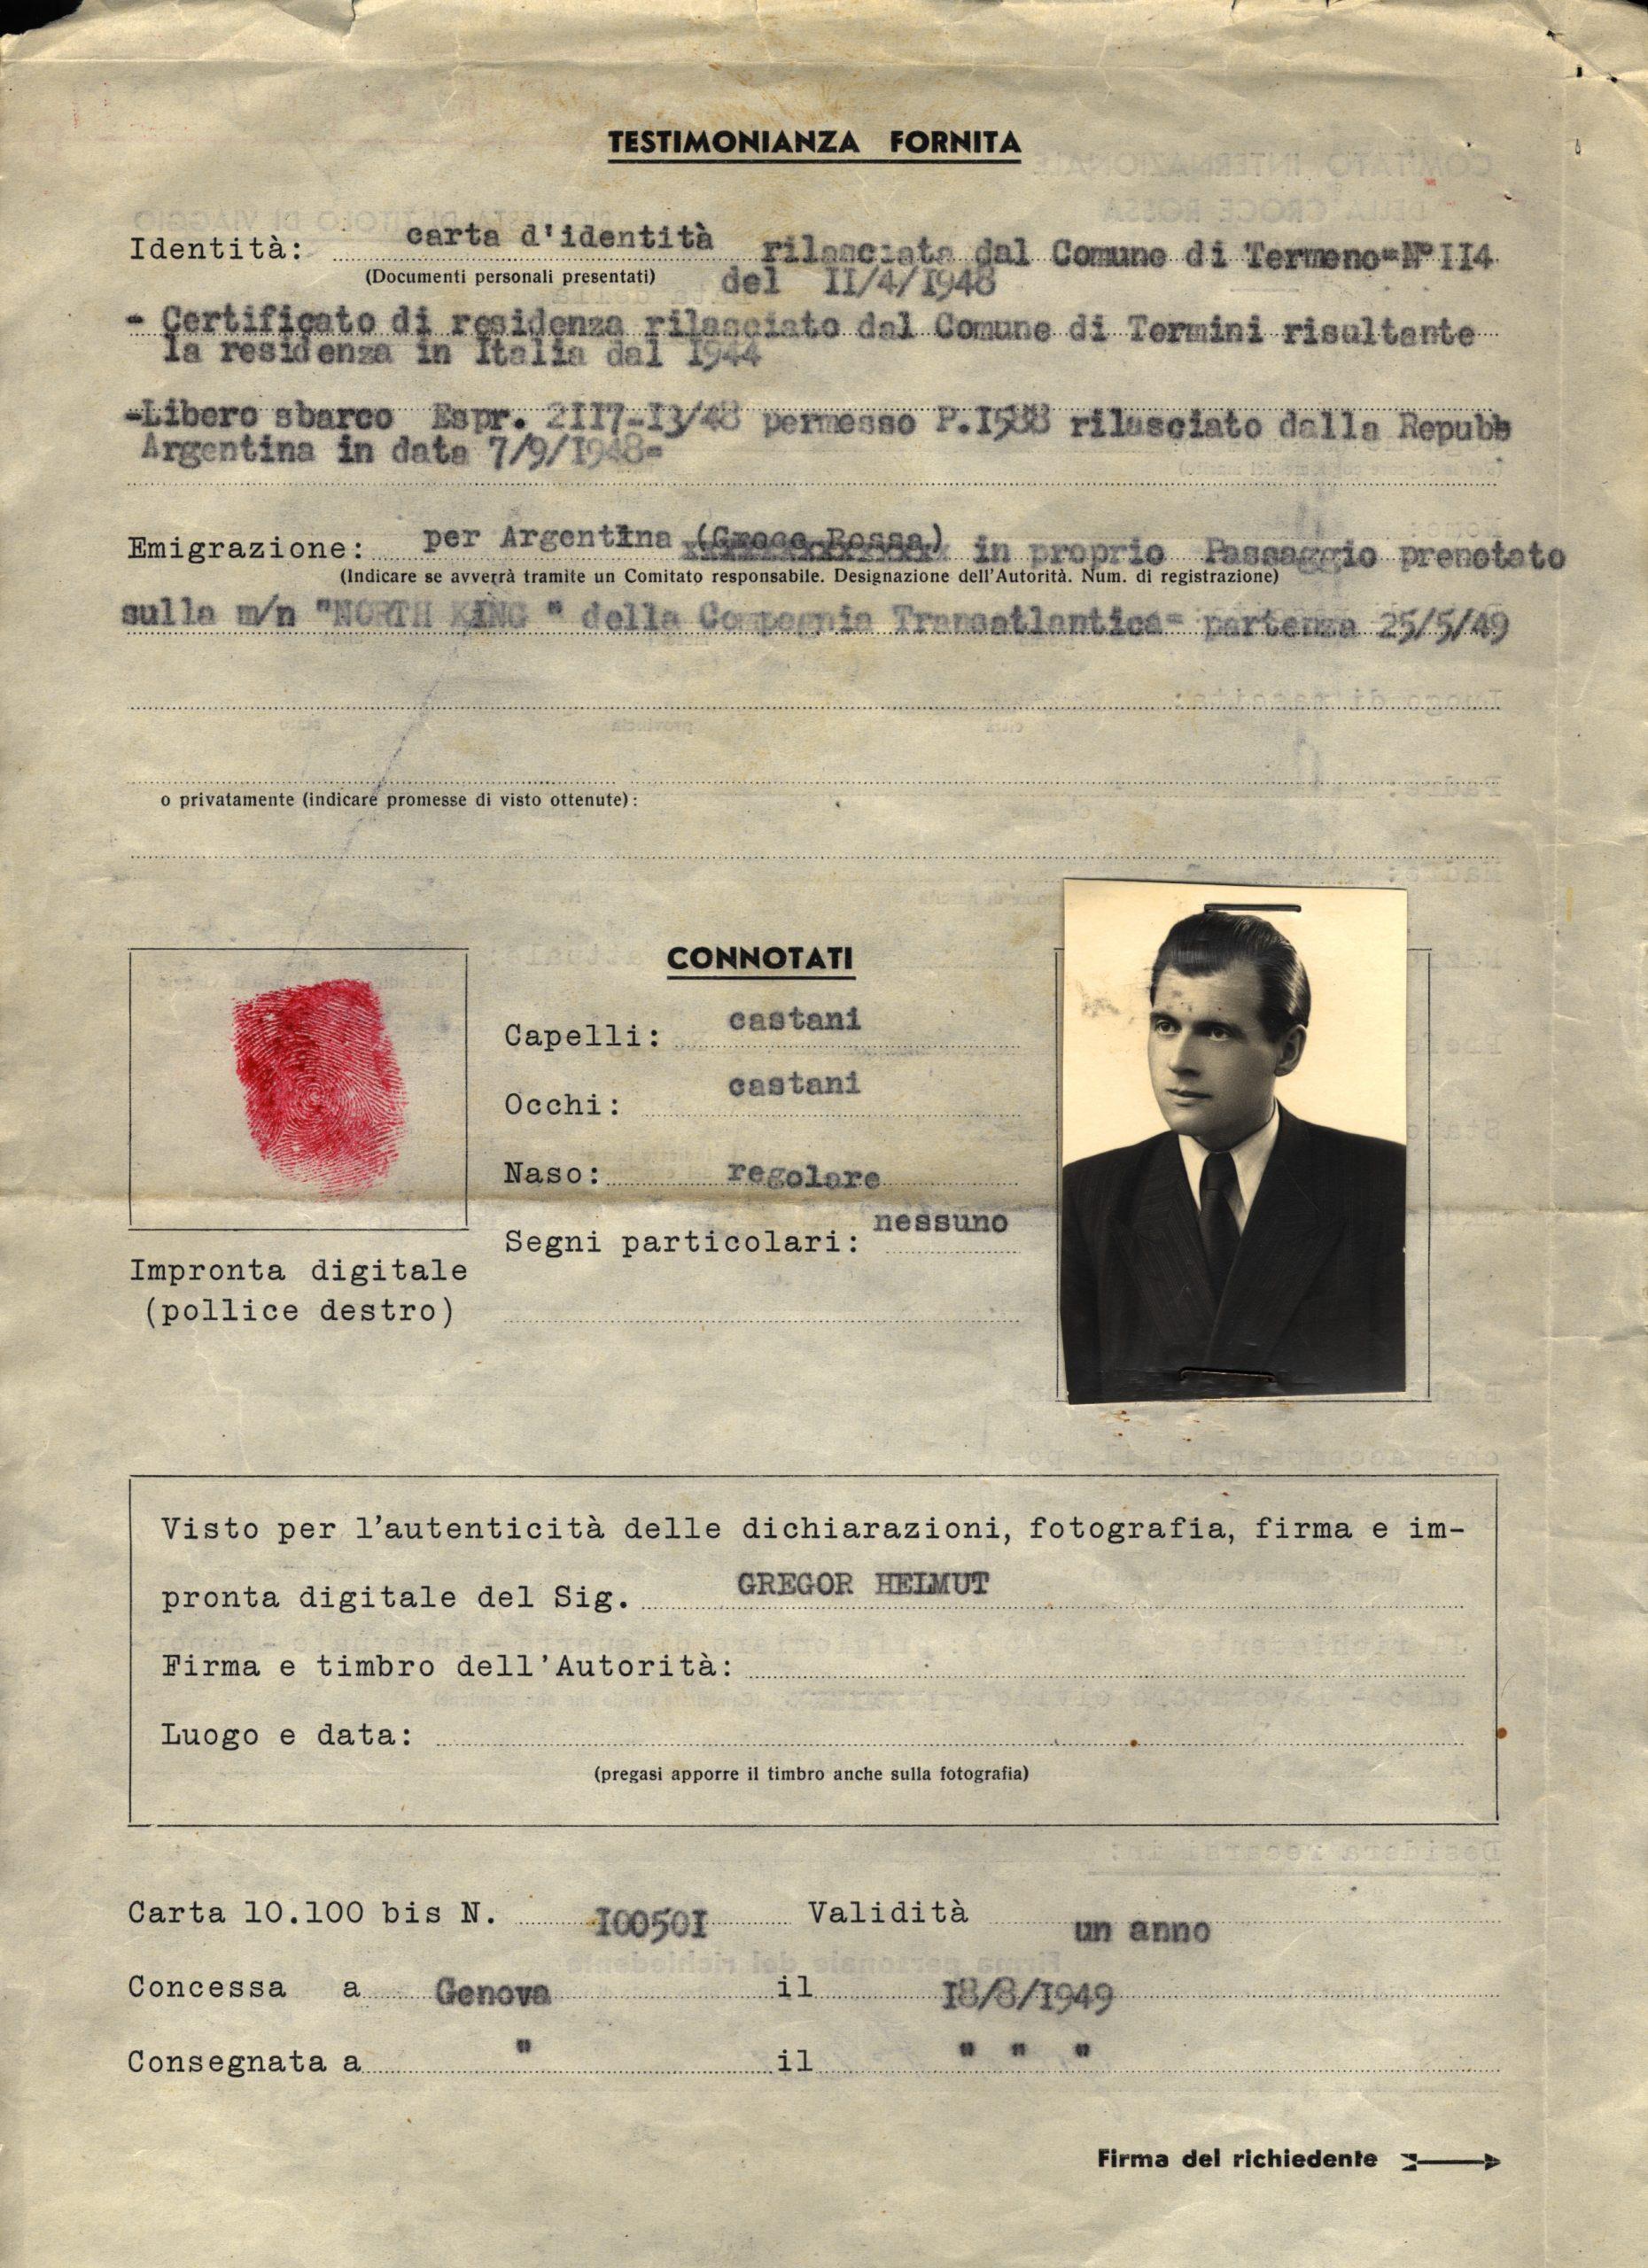 Reisedokument des Roten Kreuzes für Josef Mengele unter dem falsche Namen Helmut Gregor (1949: © avarchives.icrc.org)